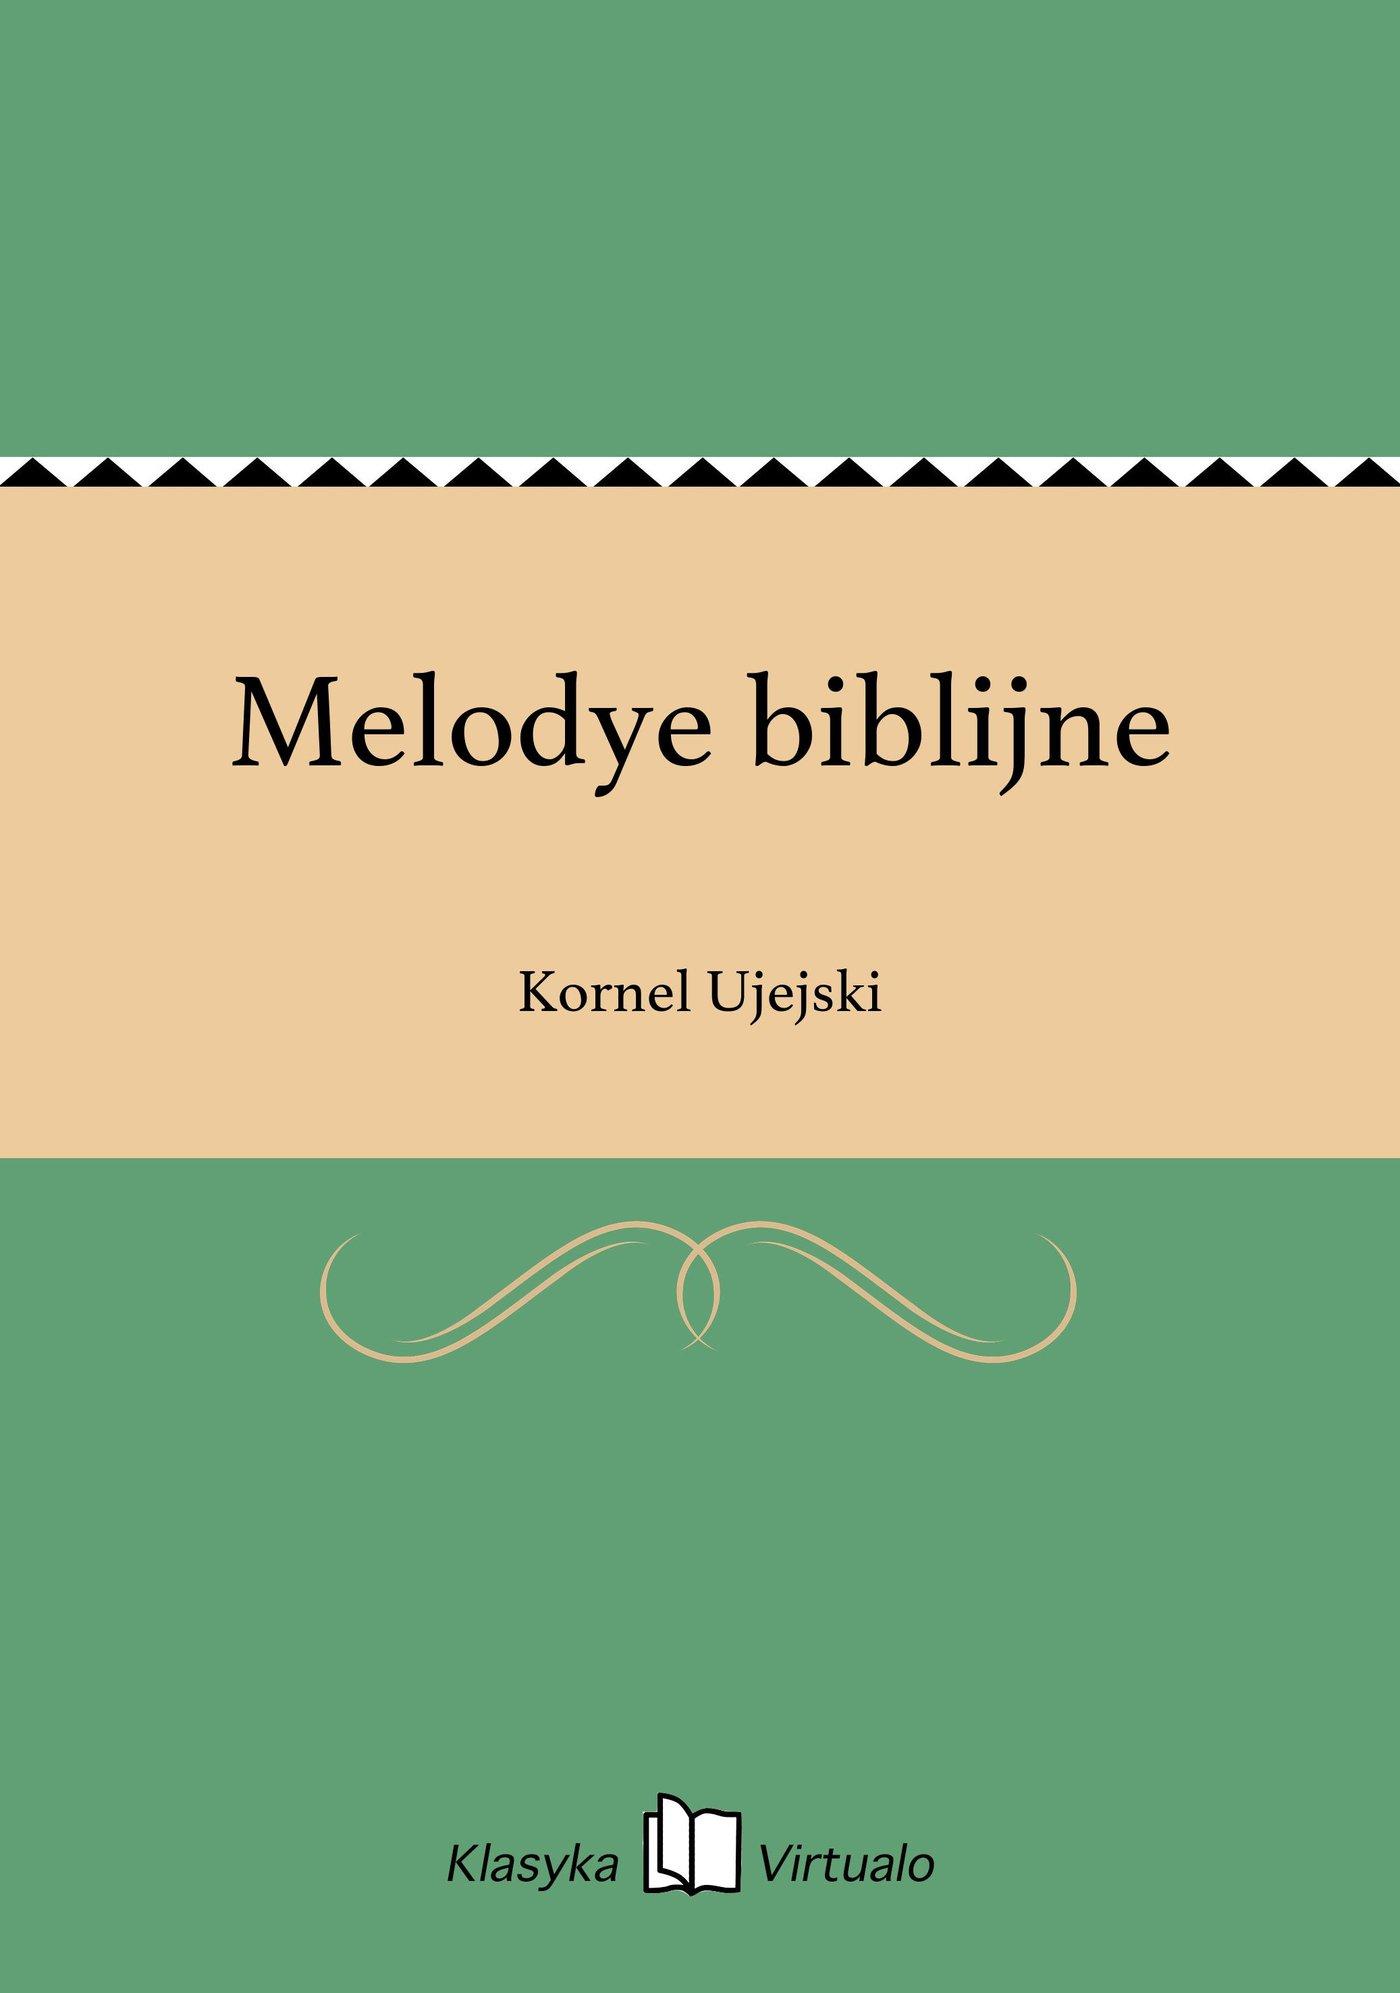 Melodye biblijne - Ebook (Książka EPUB) do pobrania w formacie EPUB